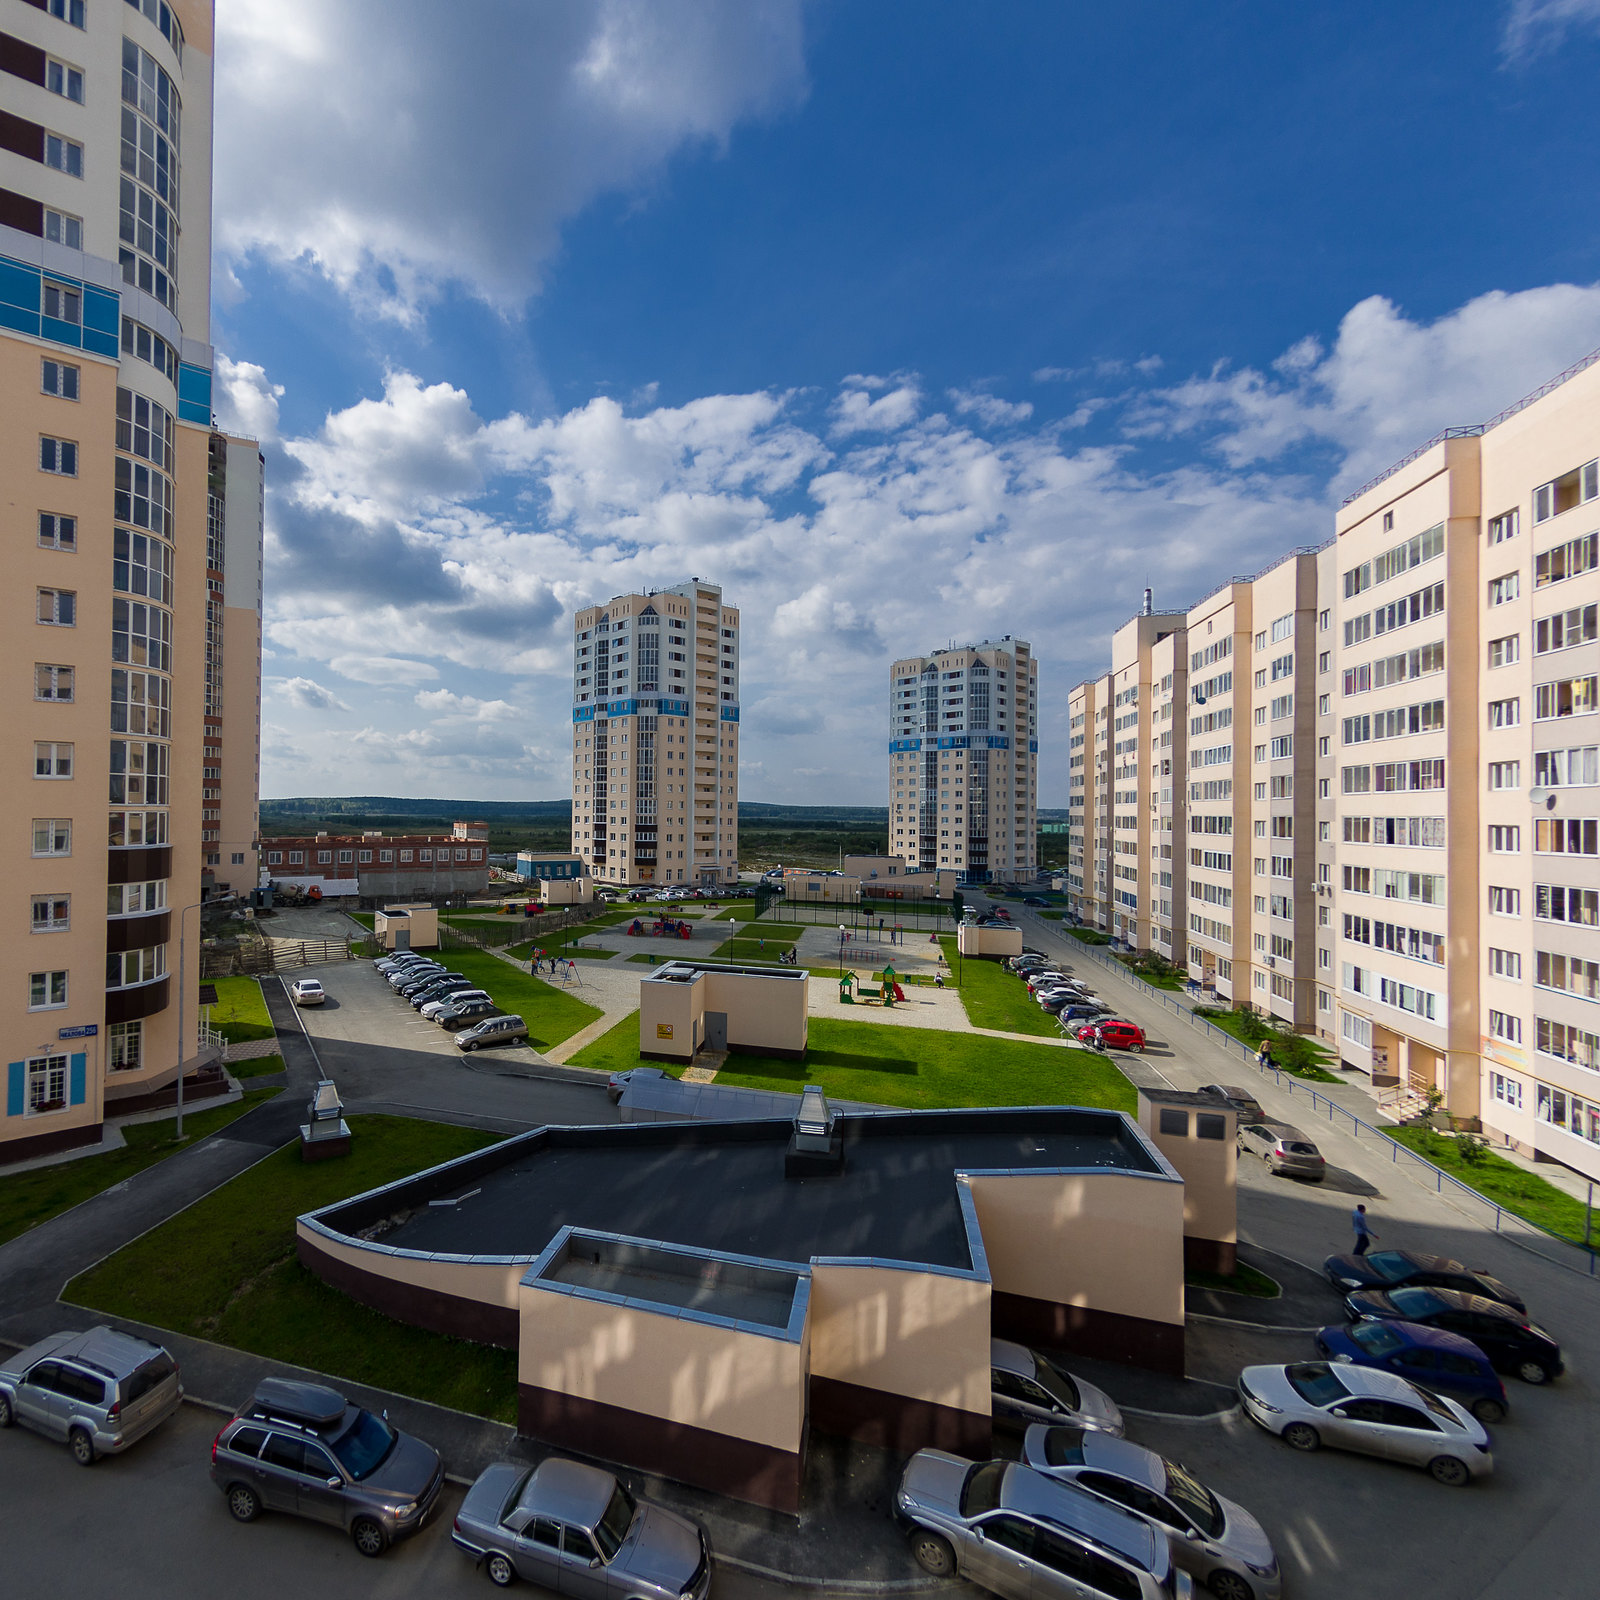 Екатеринбург, Европейский